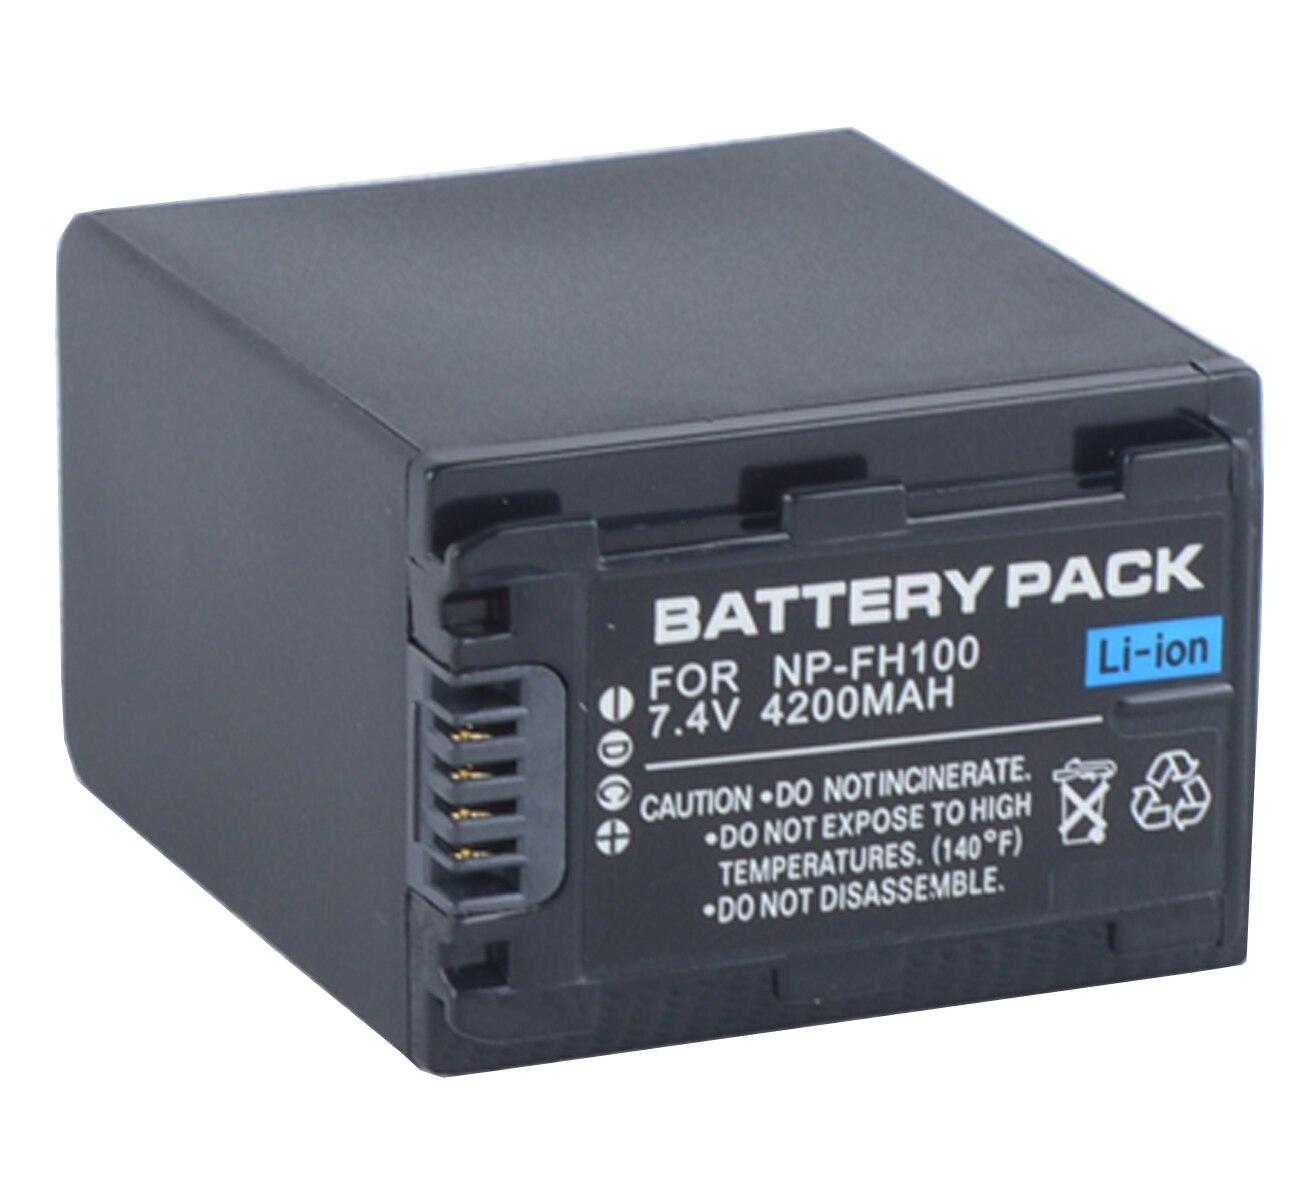 Paquete de baterías para Sony DCR-DVD150, DCR-DVD450, DCR-DVD650, DCR-DVD650E, DCR-DVD850, DCR-DVD850E